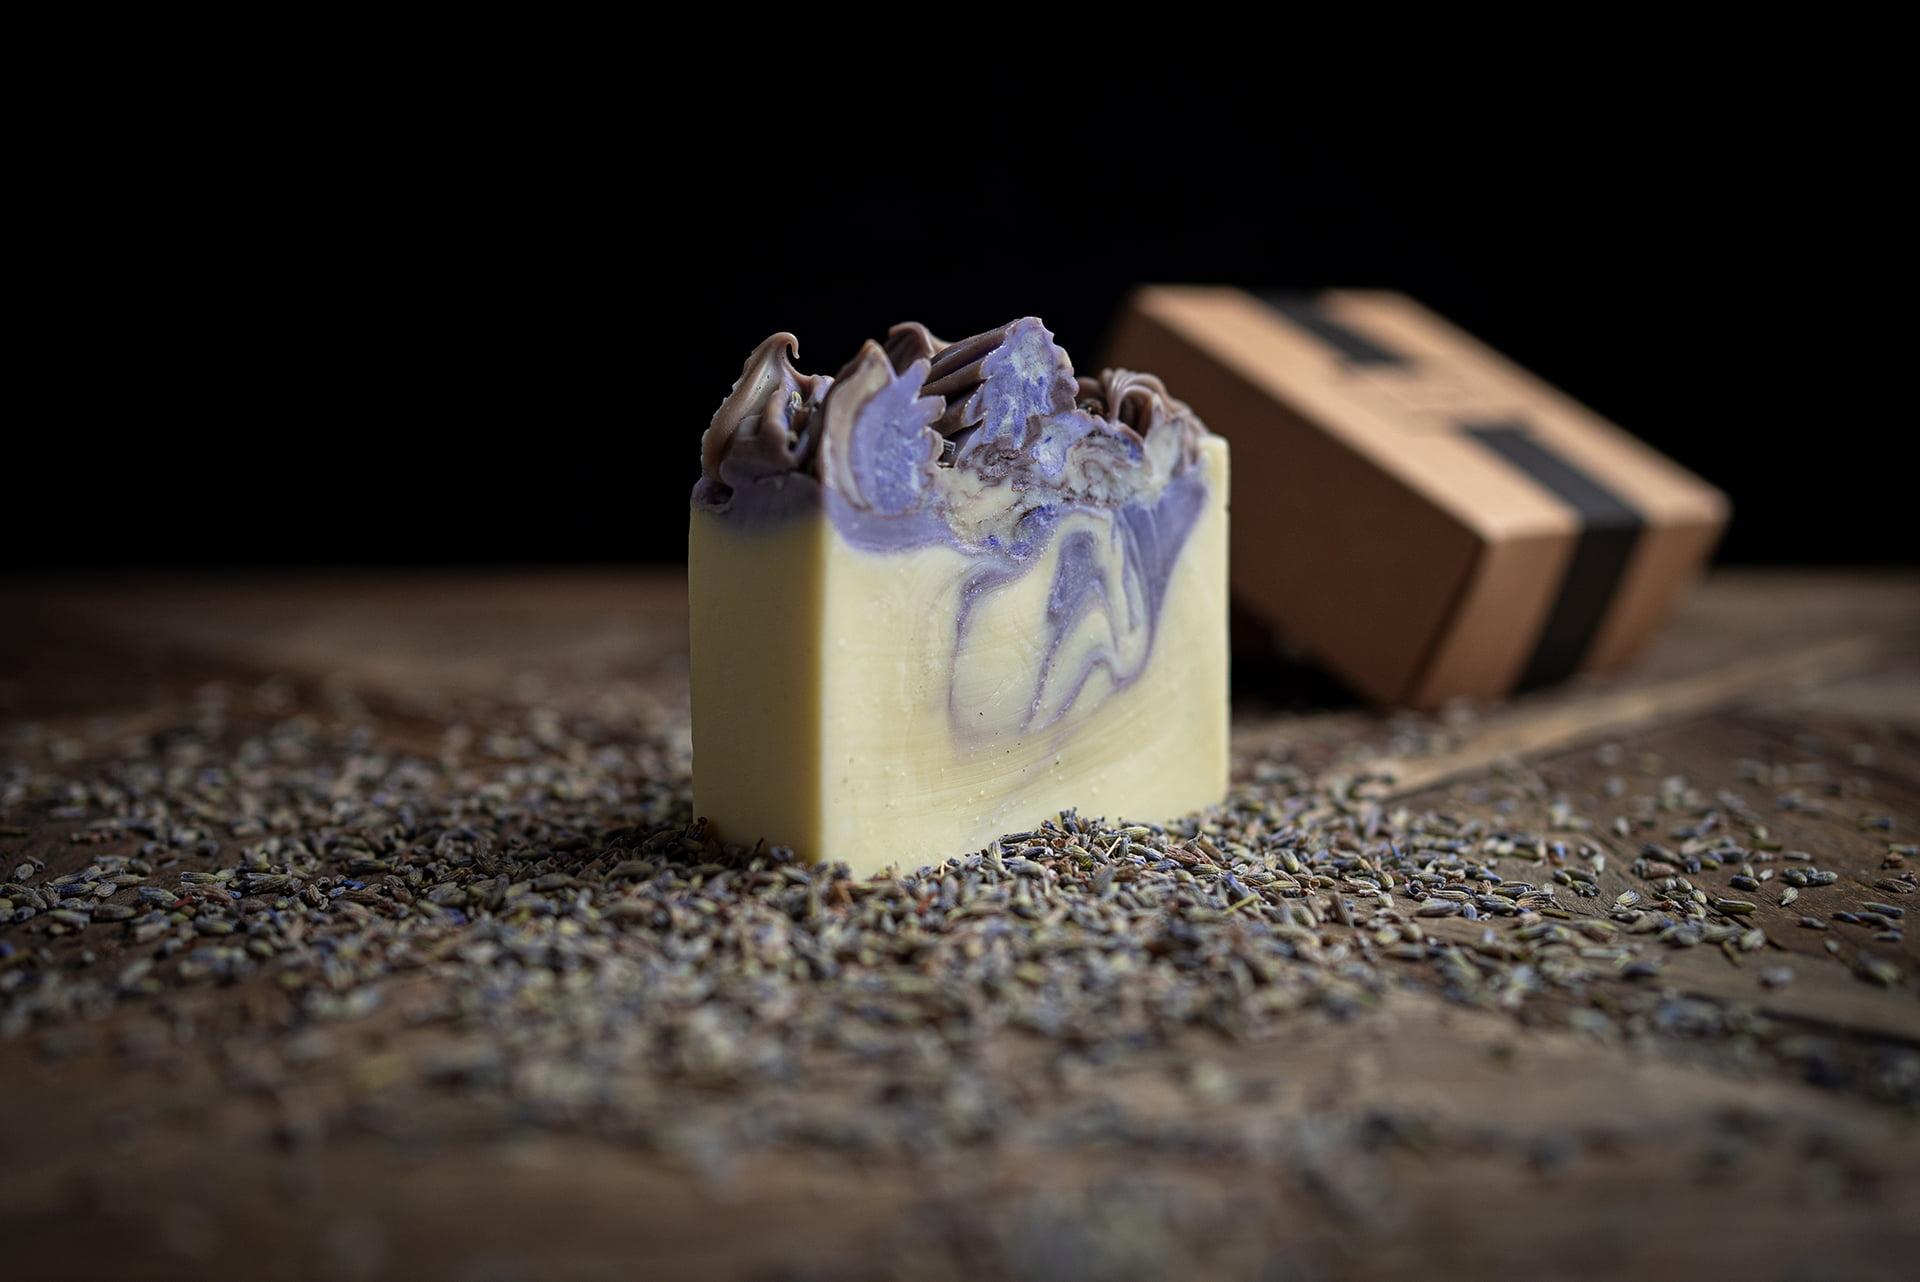 Fru M - Lavendel produktfoto